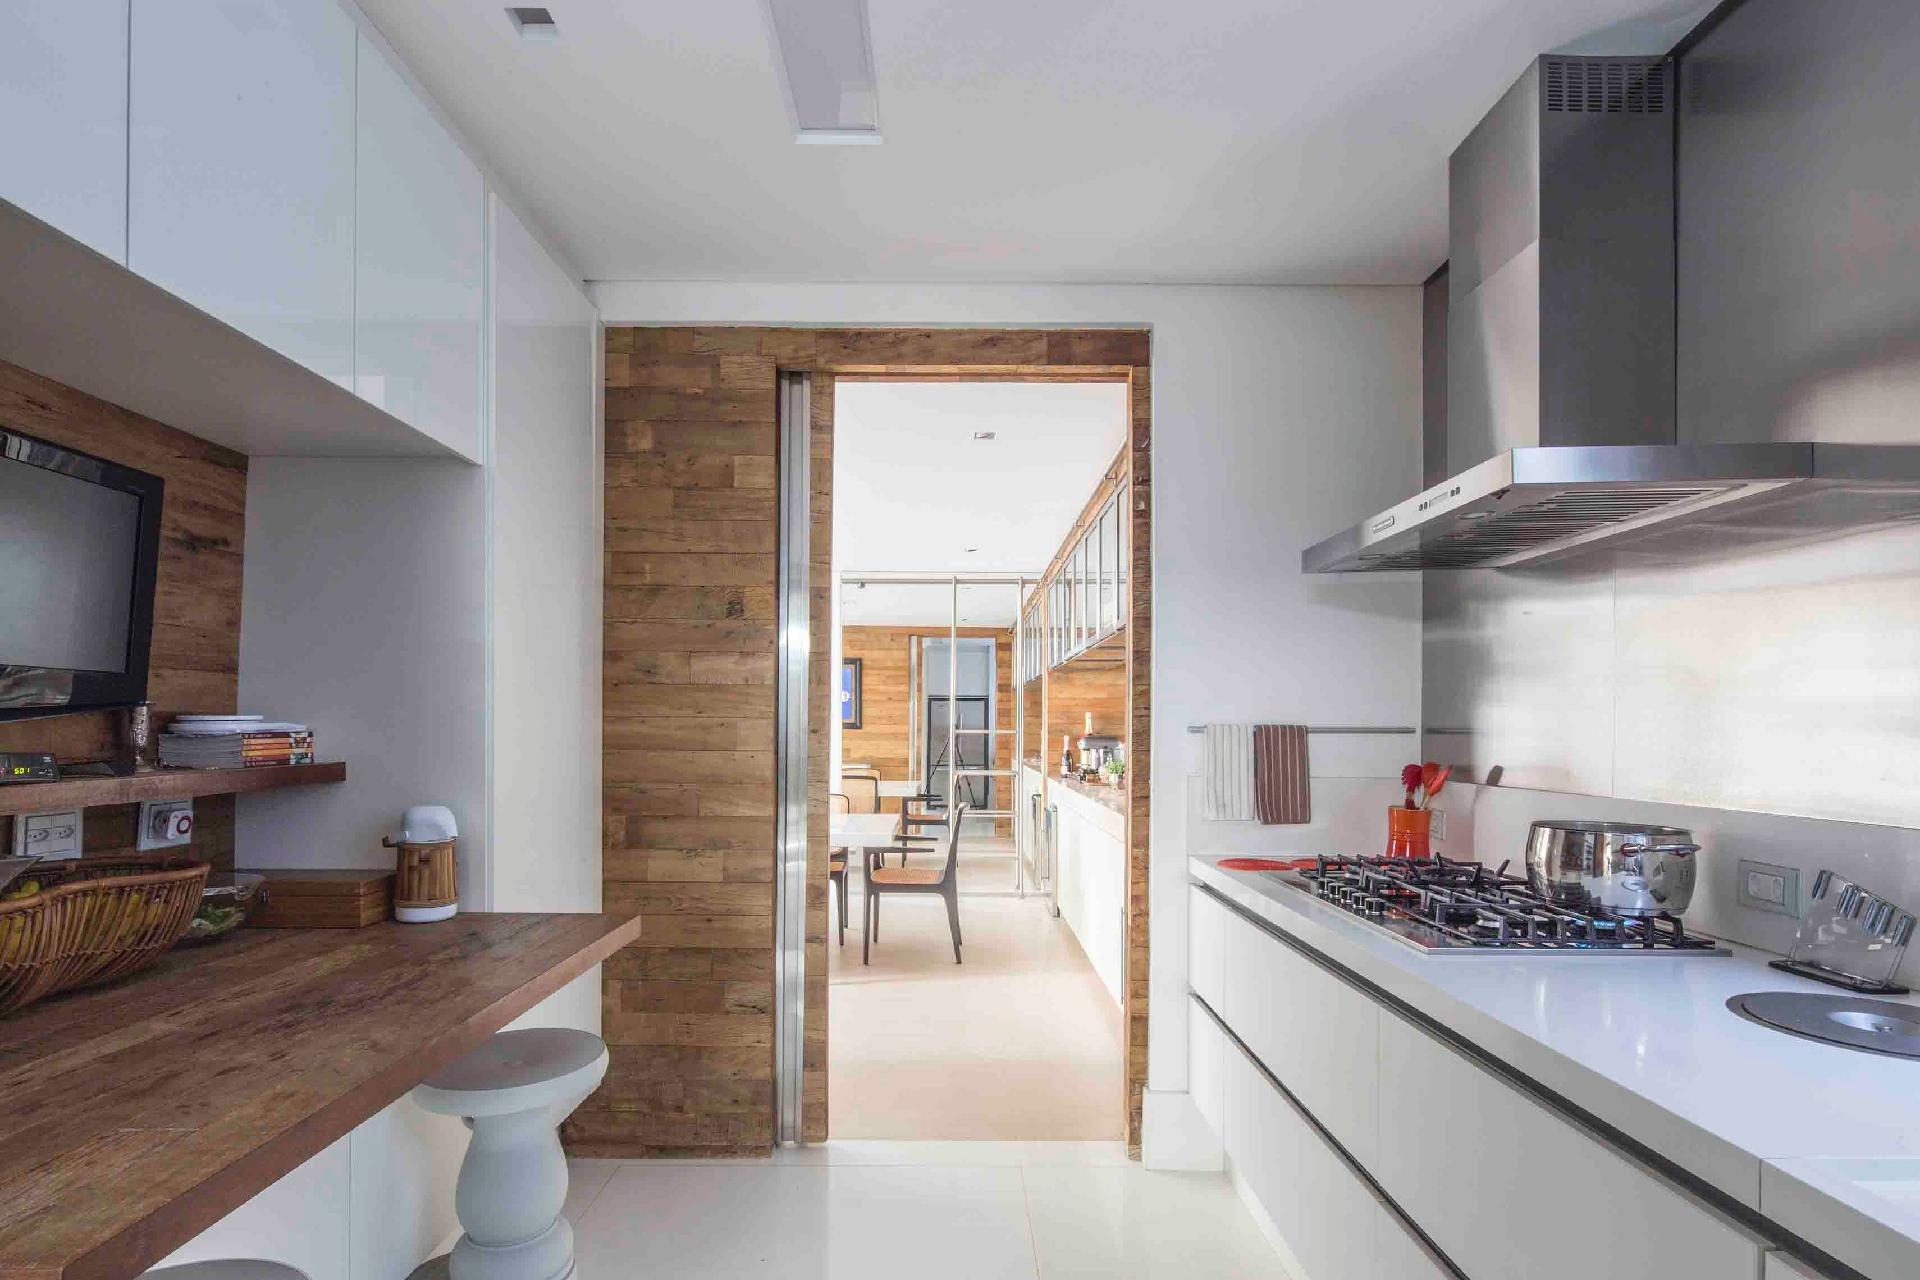 para construir ou reformar a cozinha de casa BOL Fotos BOL Fotos #876444 1920 1280